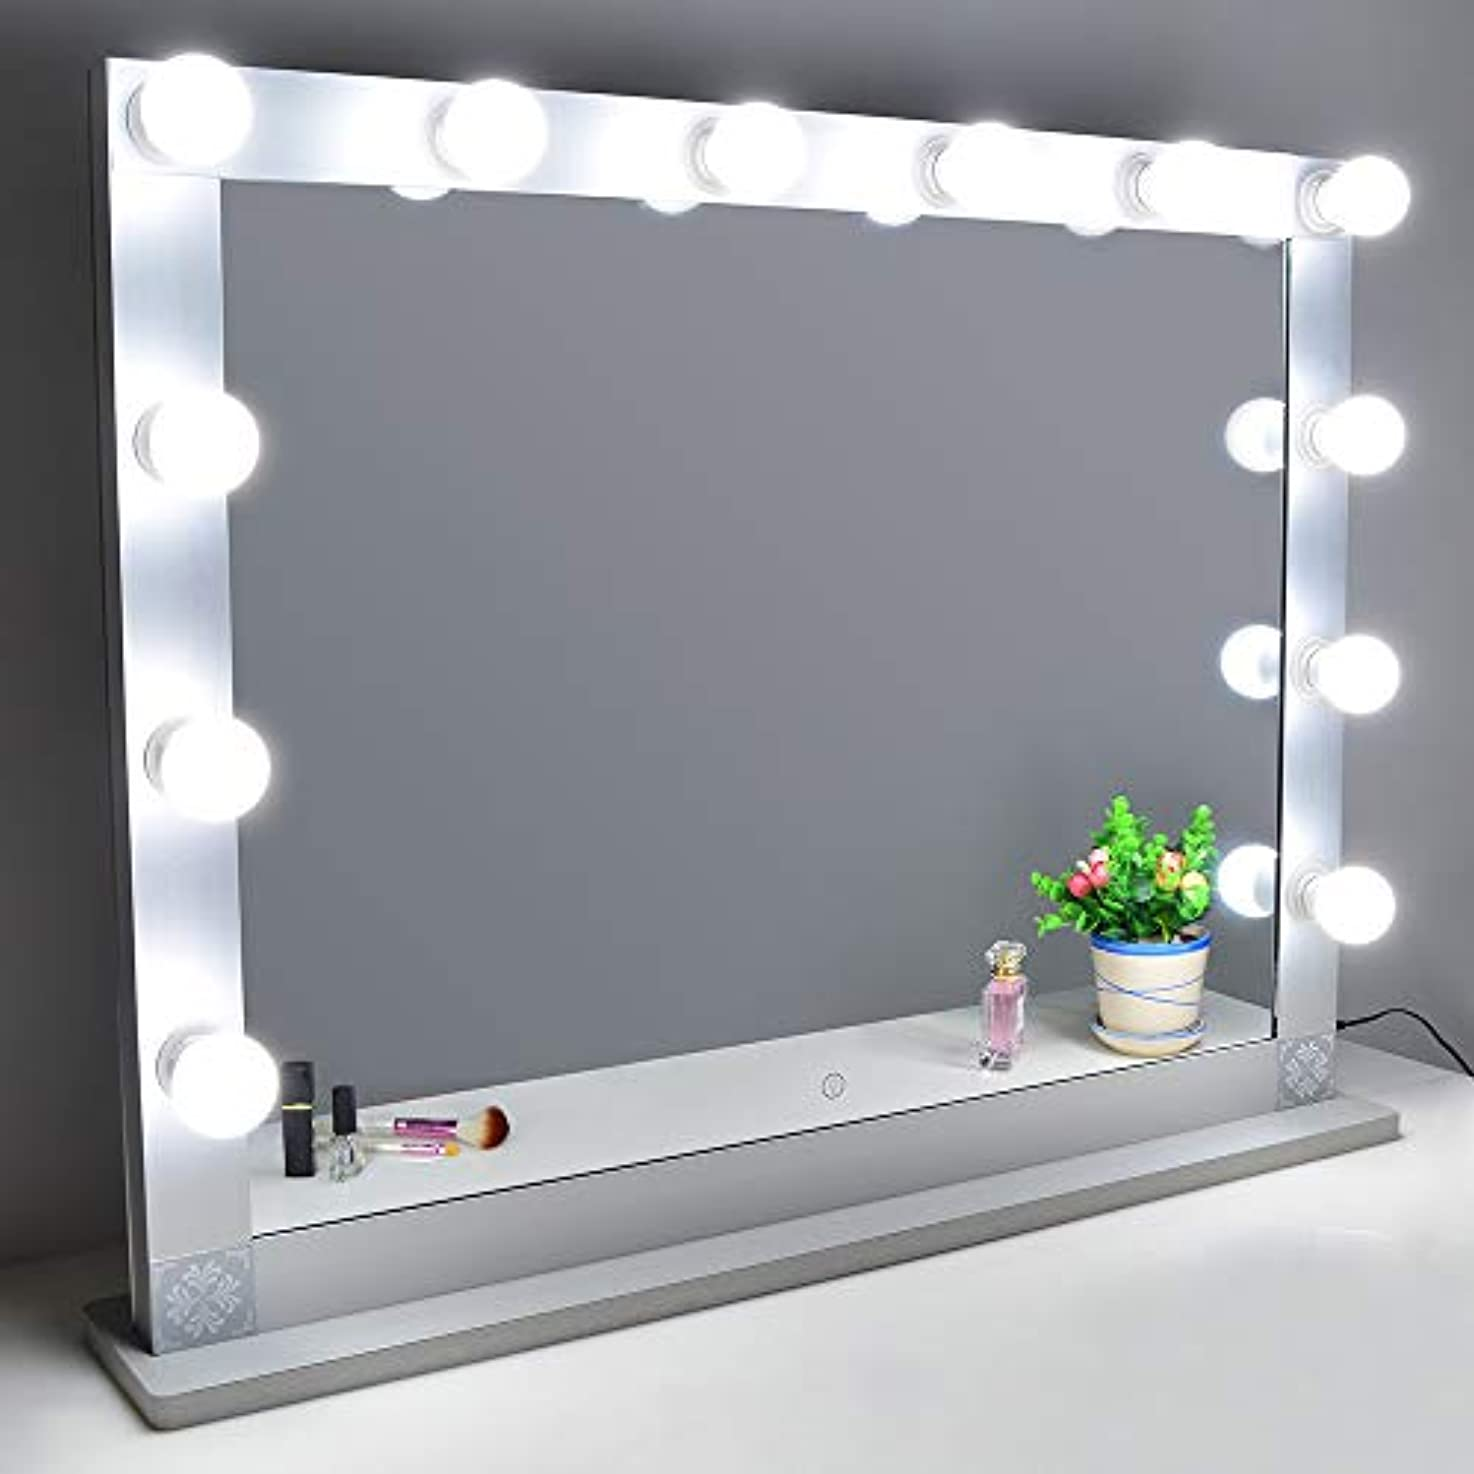 ペインティング露証明書Nitin 女優ミラー 大型化粧鏡 ハリウッドミラー 12個LED電球付き 無段階調光 スタンド付き USB差込口付き 卓上ミラー 女優ライト ドレッサー/化粧台に適用(85*66.5cm)